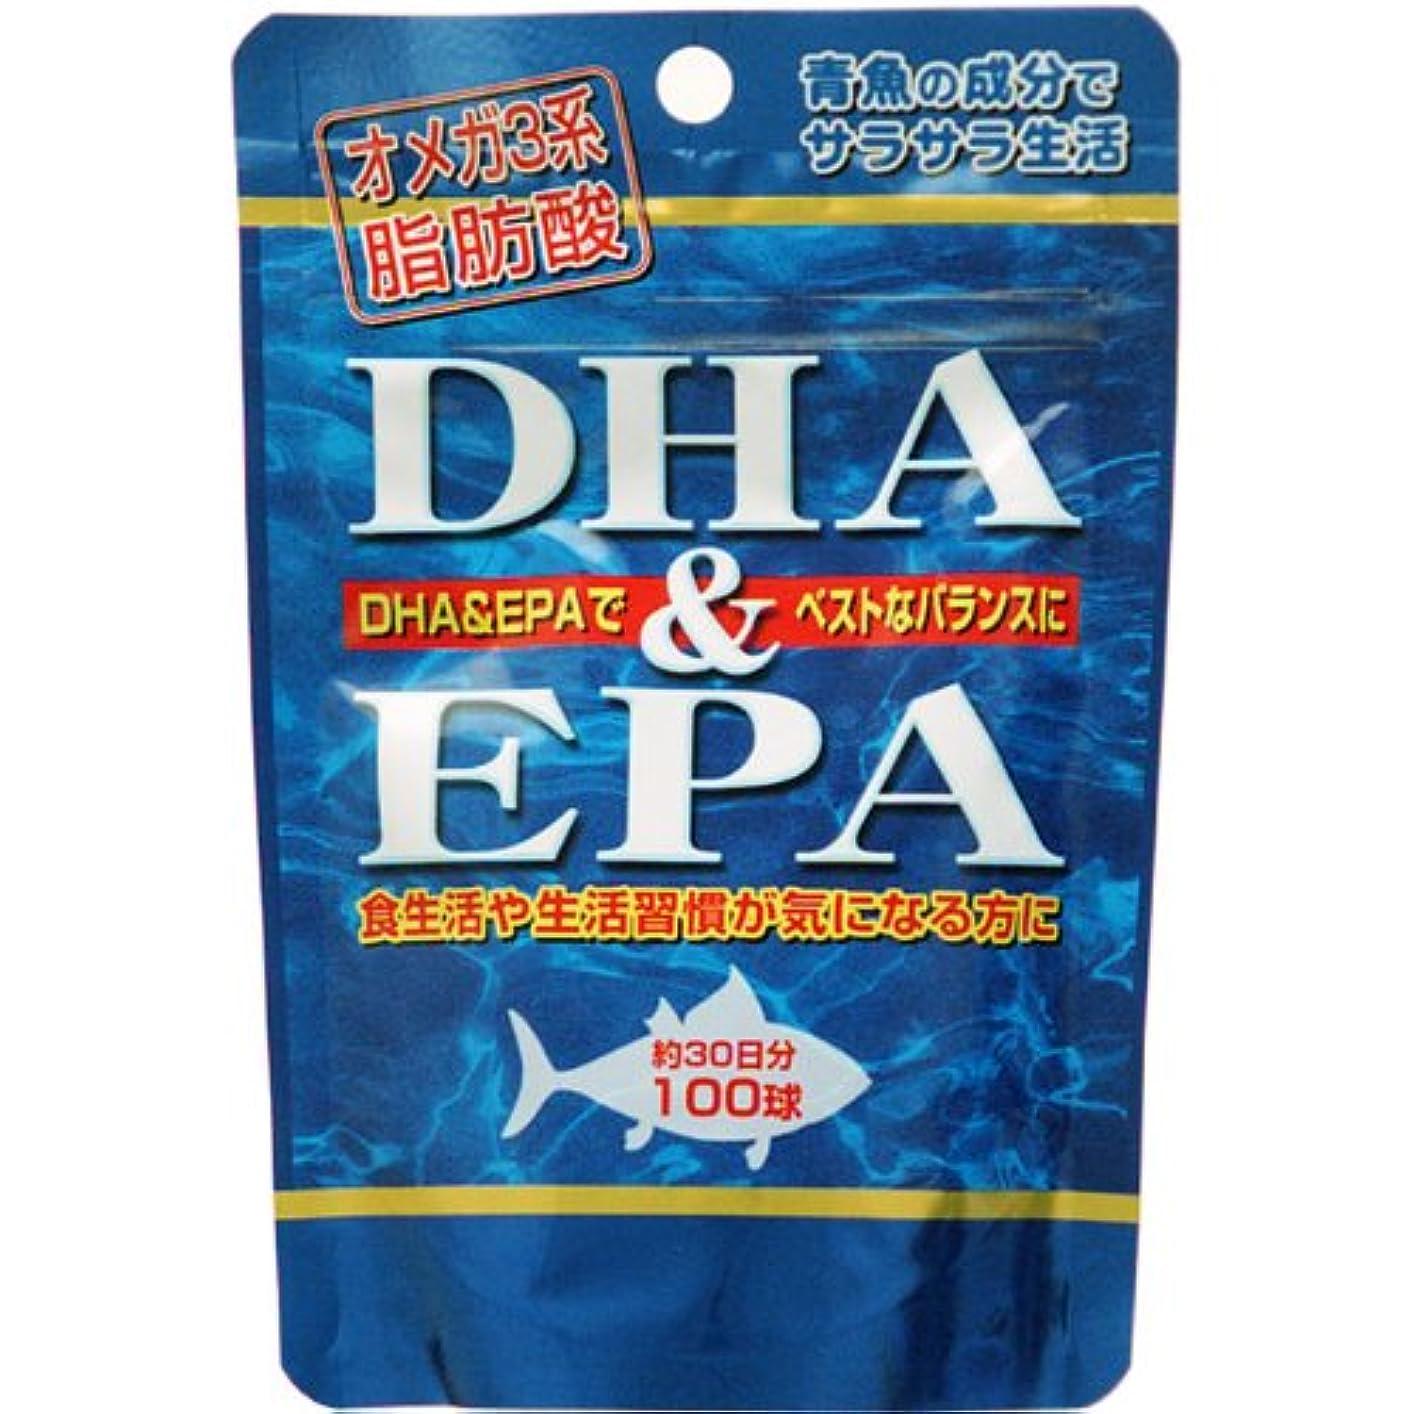 上級ラバ調和のとれたDHA(ドコサヘキサエン酸)&EPA(エイコサペンタエン酸)×4